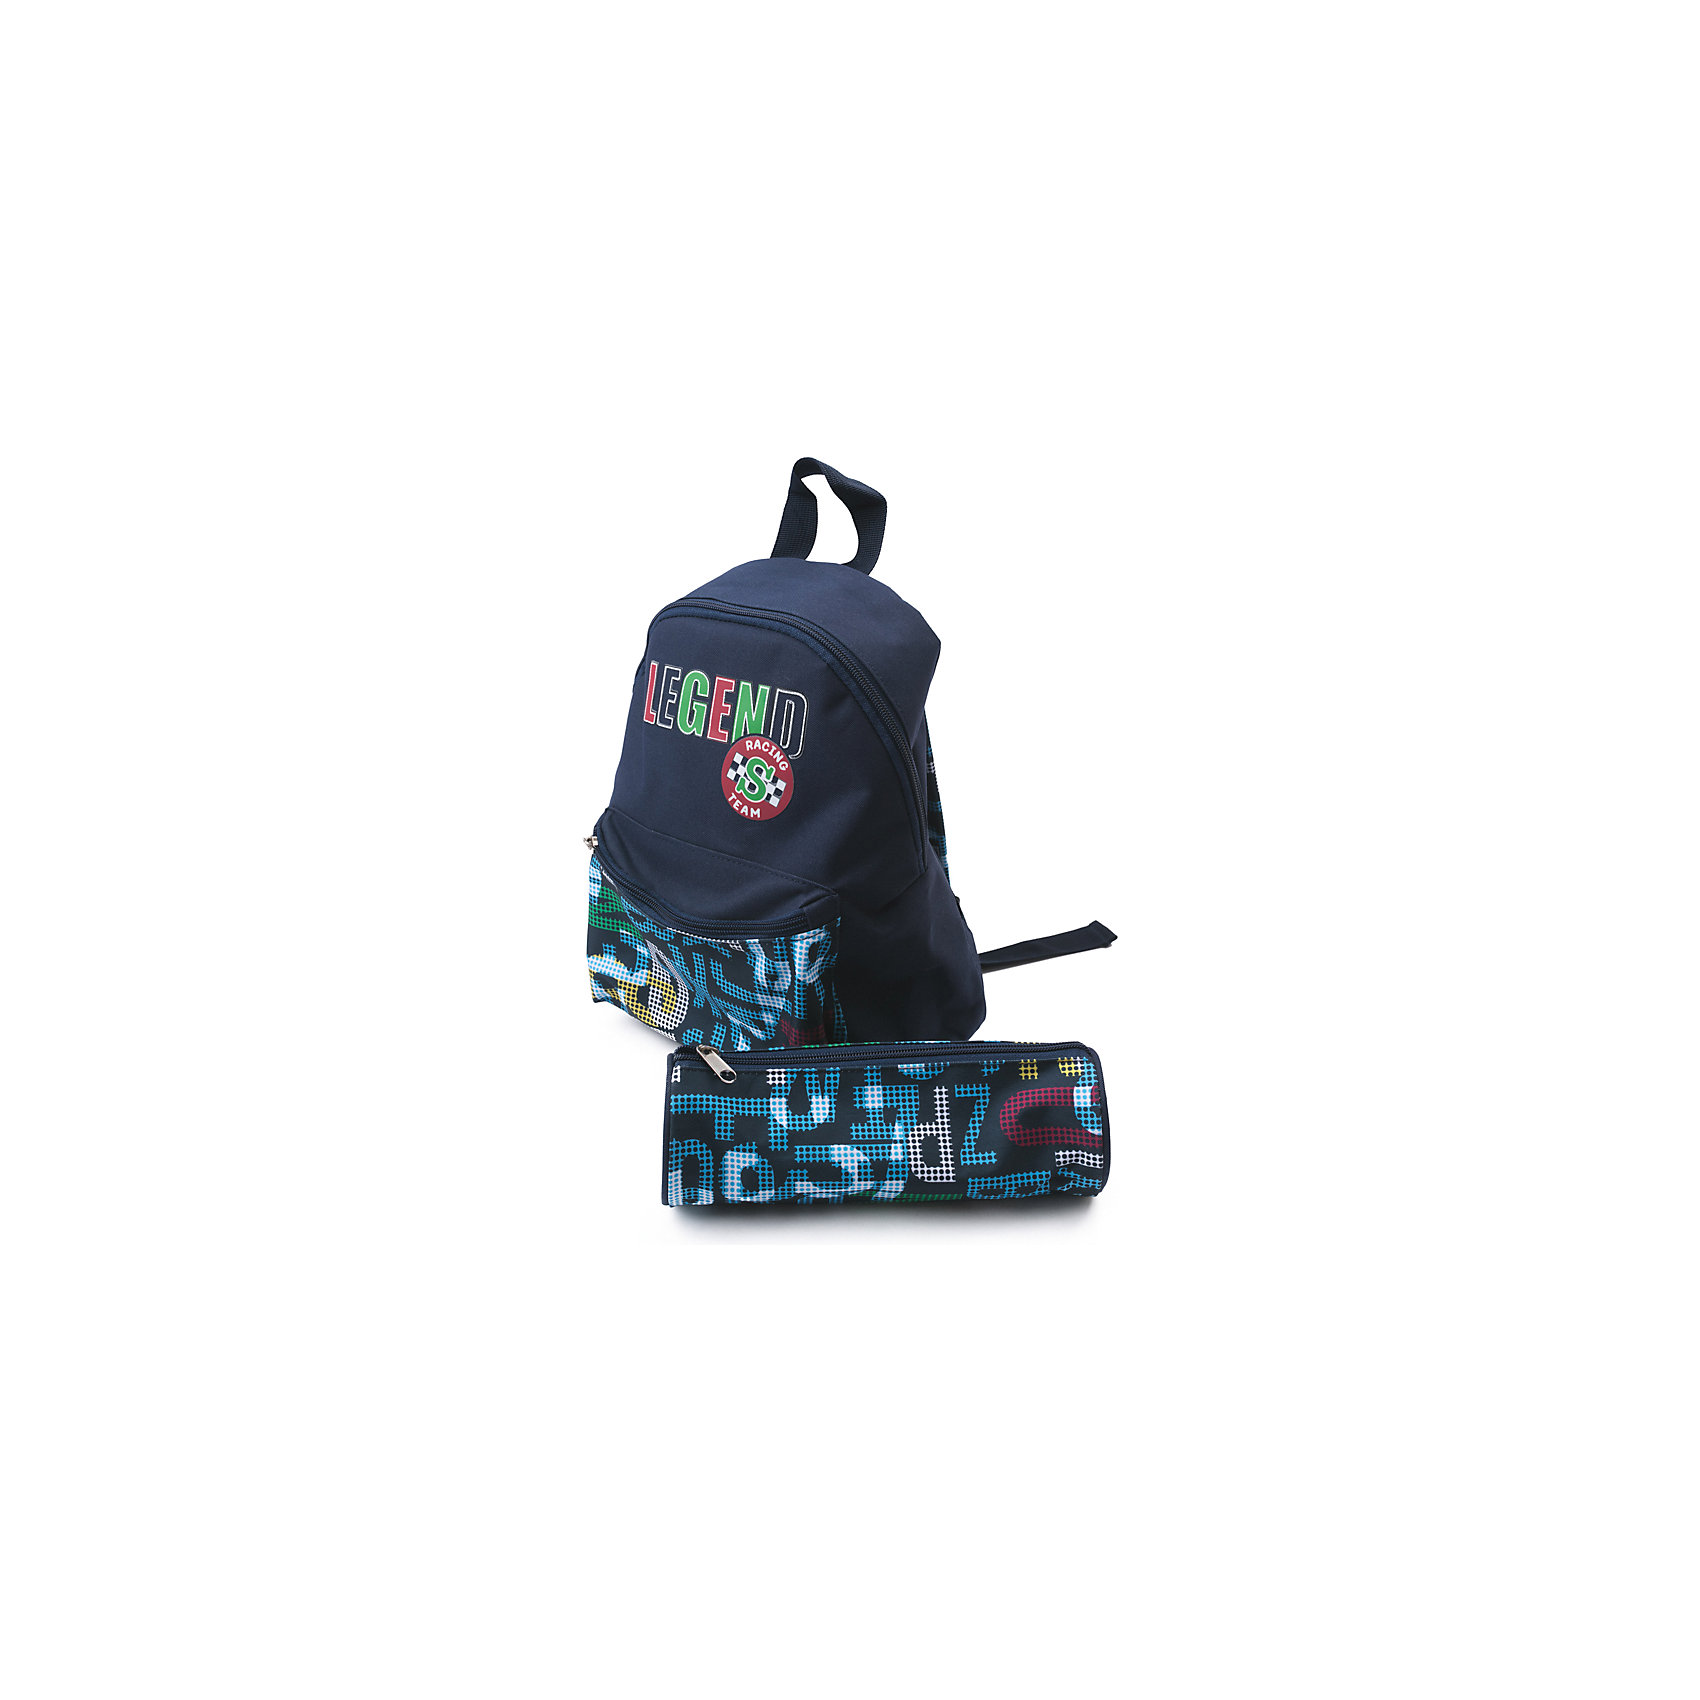 Сумка для мальчика PlayTodayСумка для мальчика PlayToday<br>Этот рюкзак понравится Вашему ребенку! В нем поместятся все необходимые  принадлежности. Выполнен из прочного безопасного материала. В комплекте мягкий пенал аналогичной расцветкиПреимущества: Лямки, регулируемые по длинеВодооталкивающая пропиткаВ комплекте мягкий пенал аналогичной расцветки<br>Состав:<br>Верх: 100% полиэстер, подкладка: 100% полиэстер<br><br>Ширина мм: 170<br>Глубина мм: 157<br>Высота мм: 67<br>Вес г: 117<br>Цвет: полуночно-синий<br>Возраст от месяцев: 60<br>Возраст до месяцев: 144<br>Пол: Мужской<br>Возраст: Детский<br>Размер: one size<br>SKU: 5403595